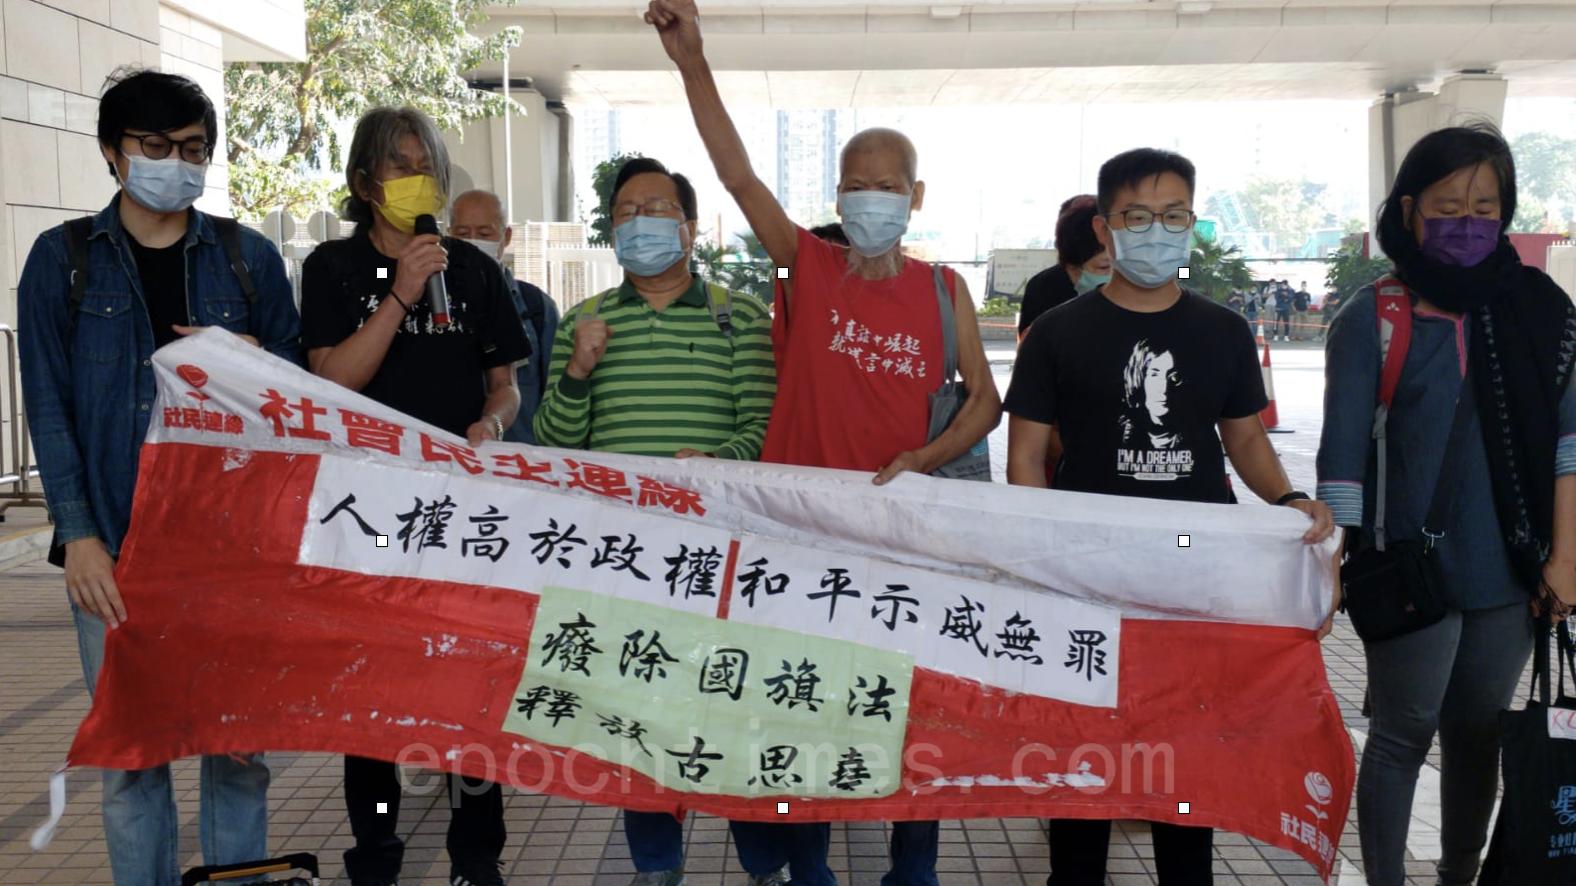 今早(25日),社運人士古思堯於西九龍裁判法院提堂,社民連到場聲援。(Betty/大紀元)